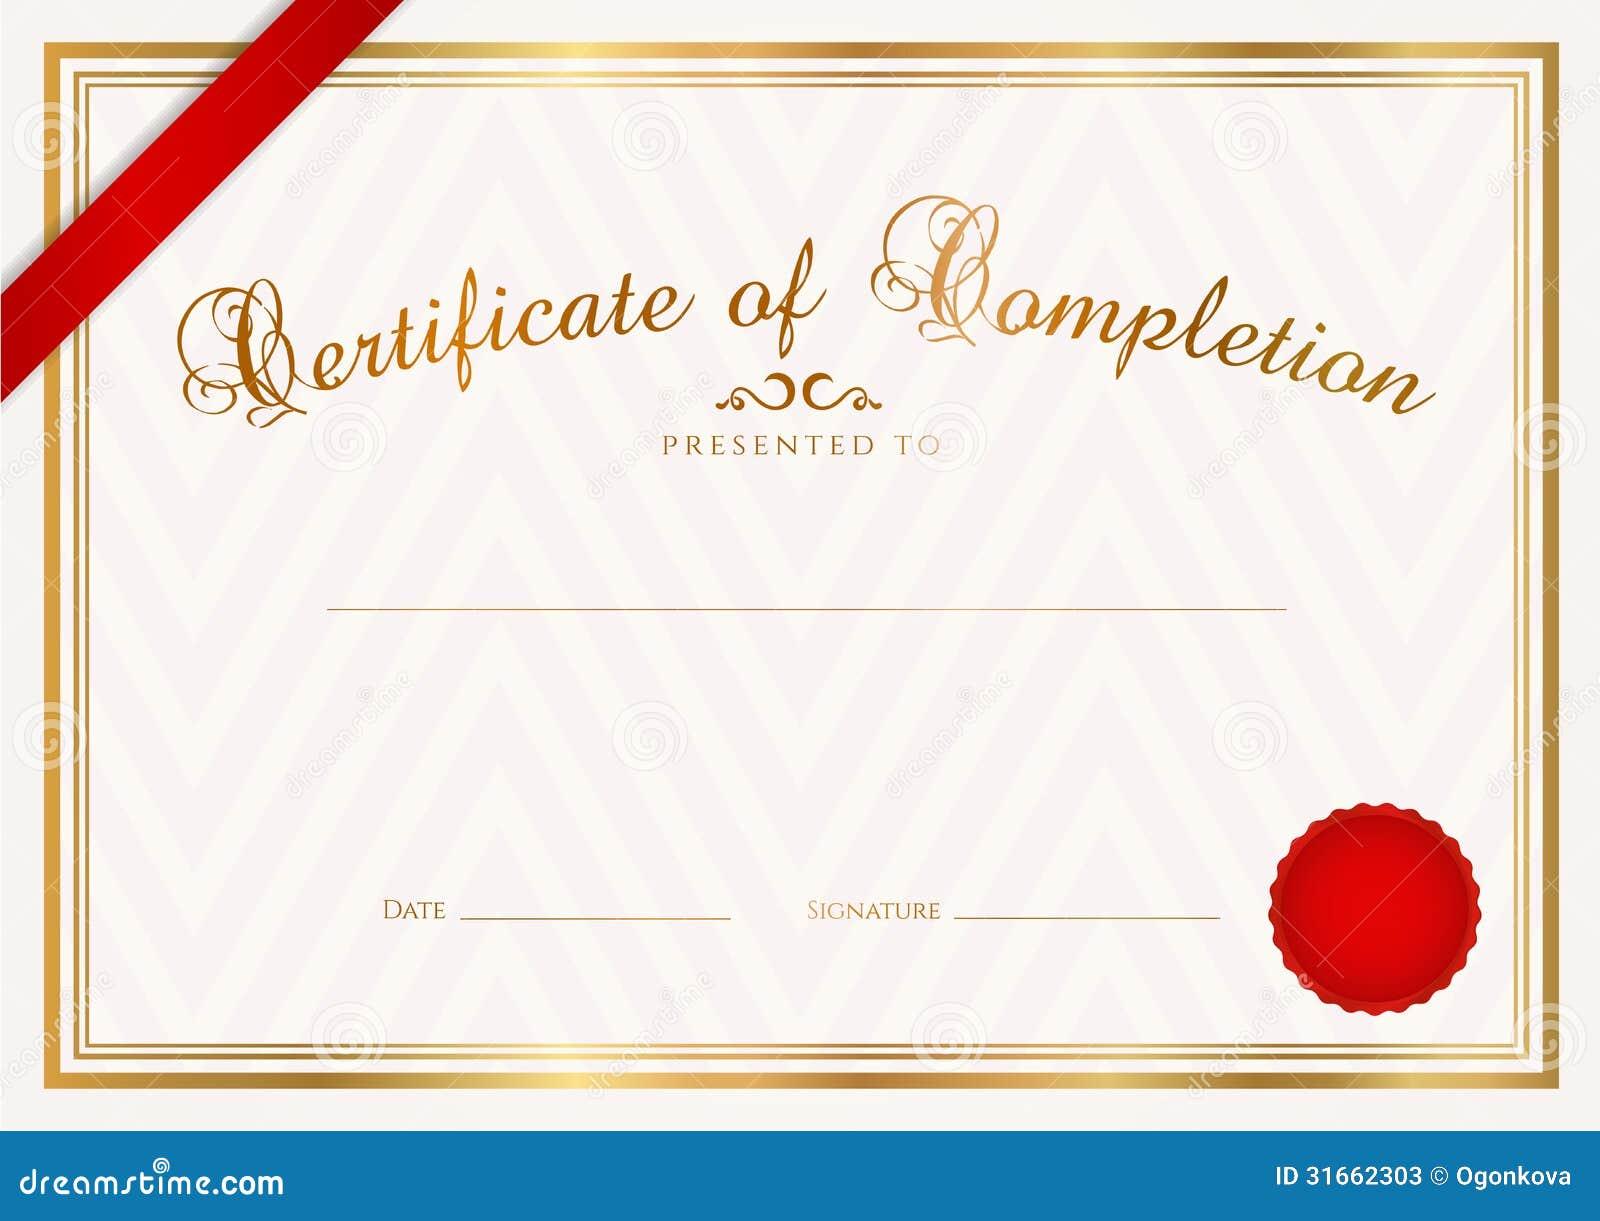 Sample graduation certificate geminifm sample graduation certificate yadclub Images